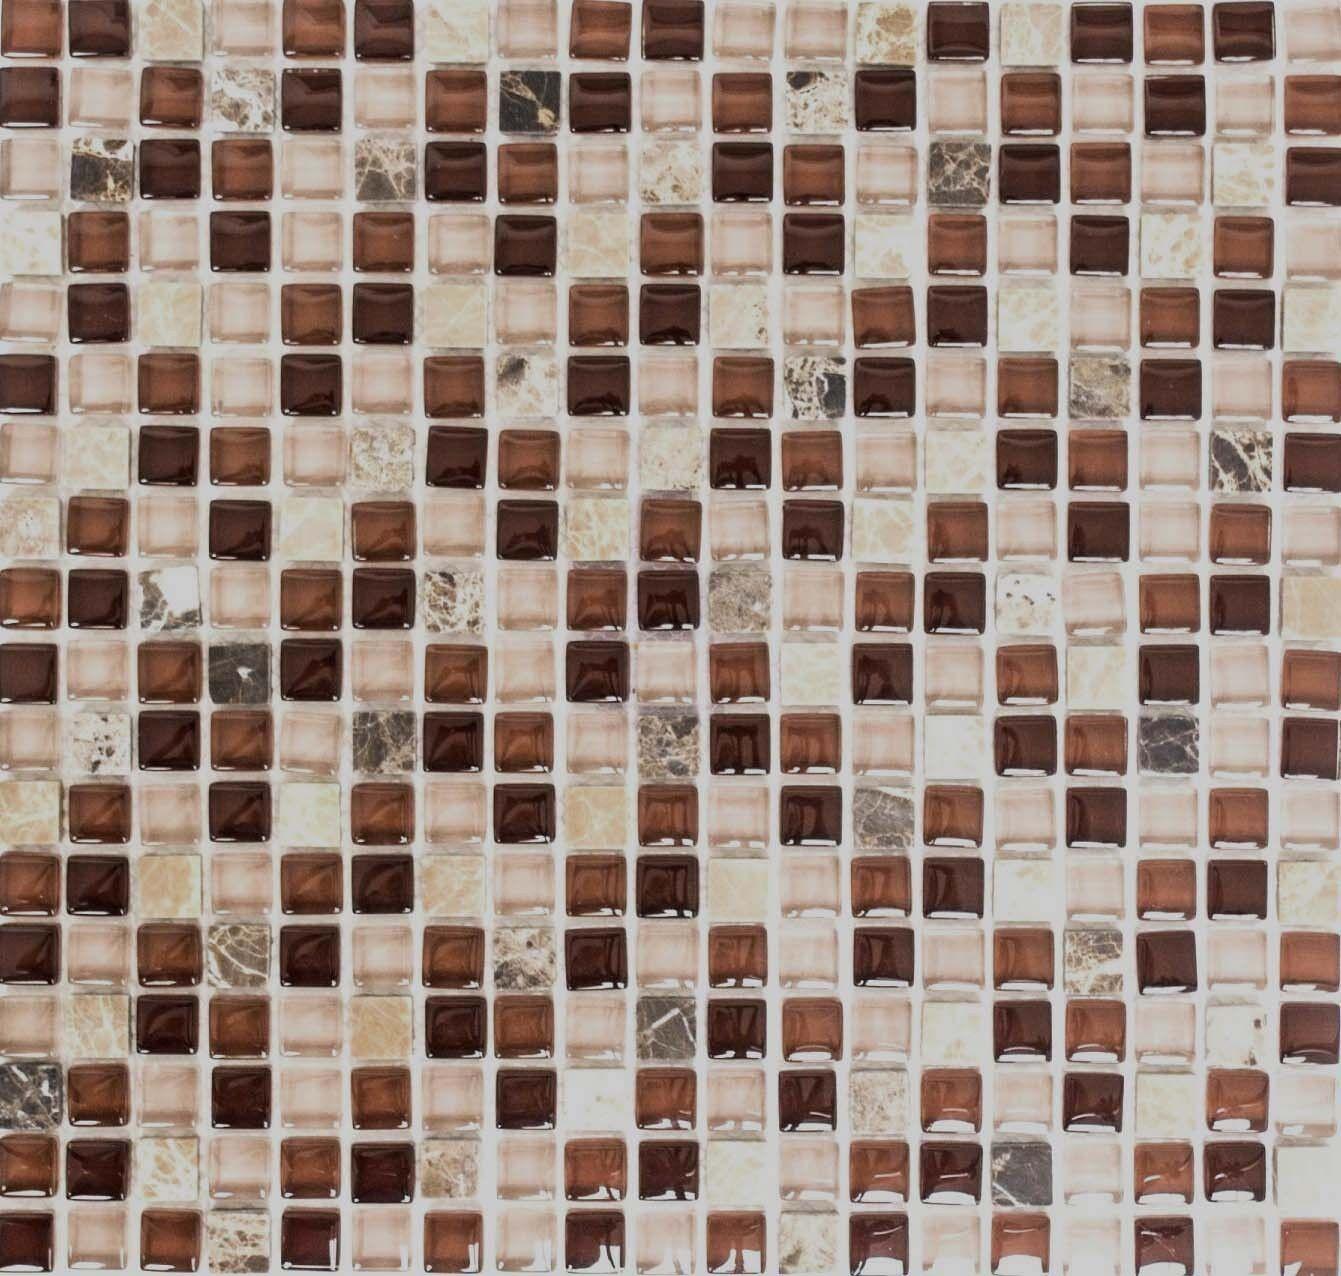 Mosaïque translucide cristal brique pierre verre brun mur 92-1304_f   10 plaques